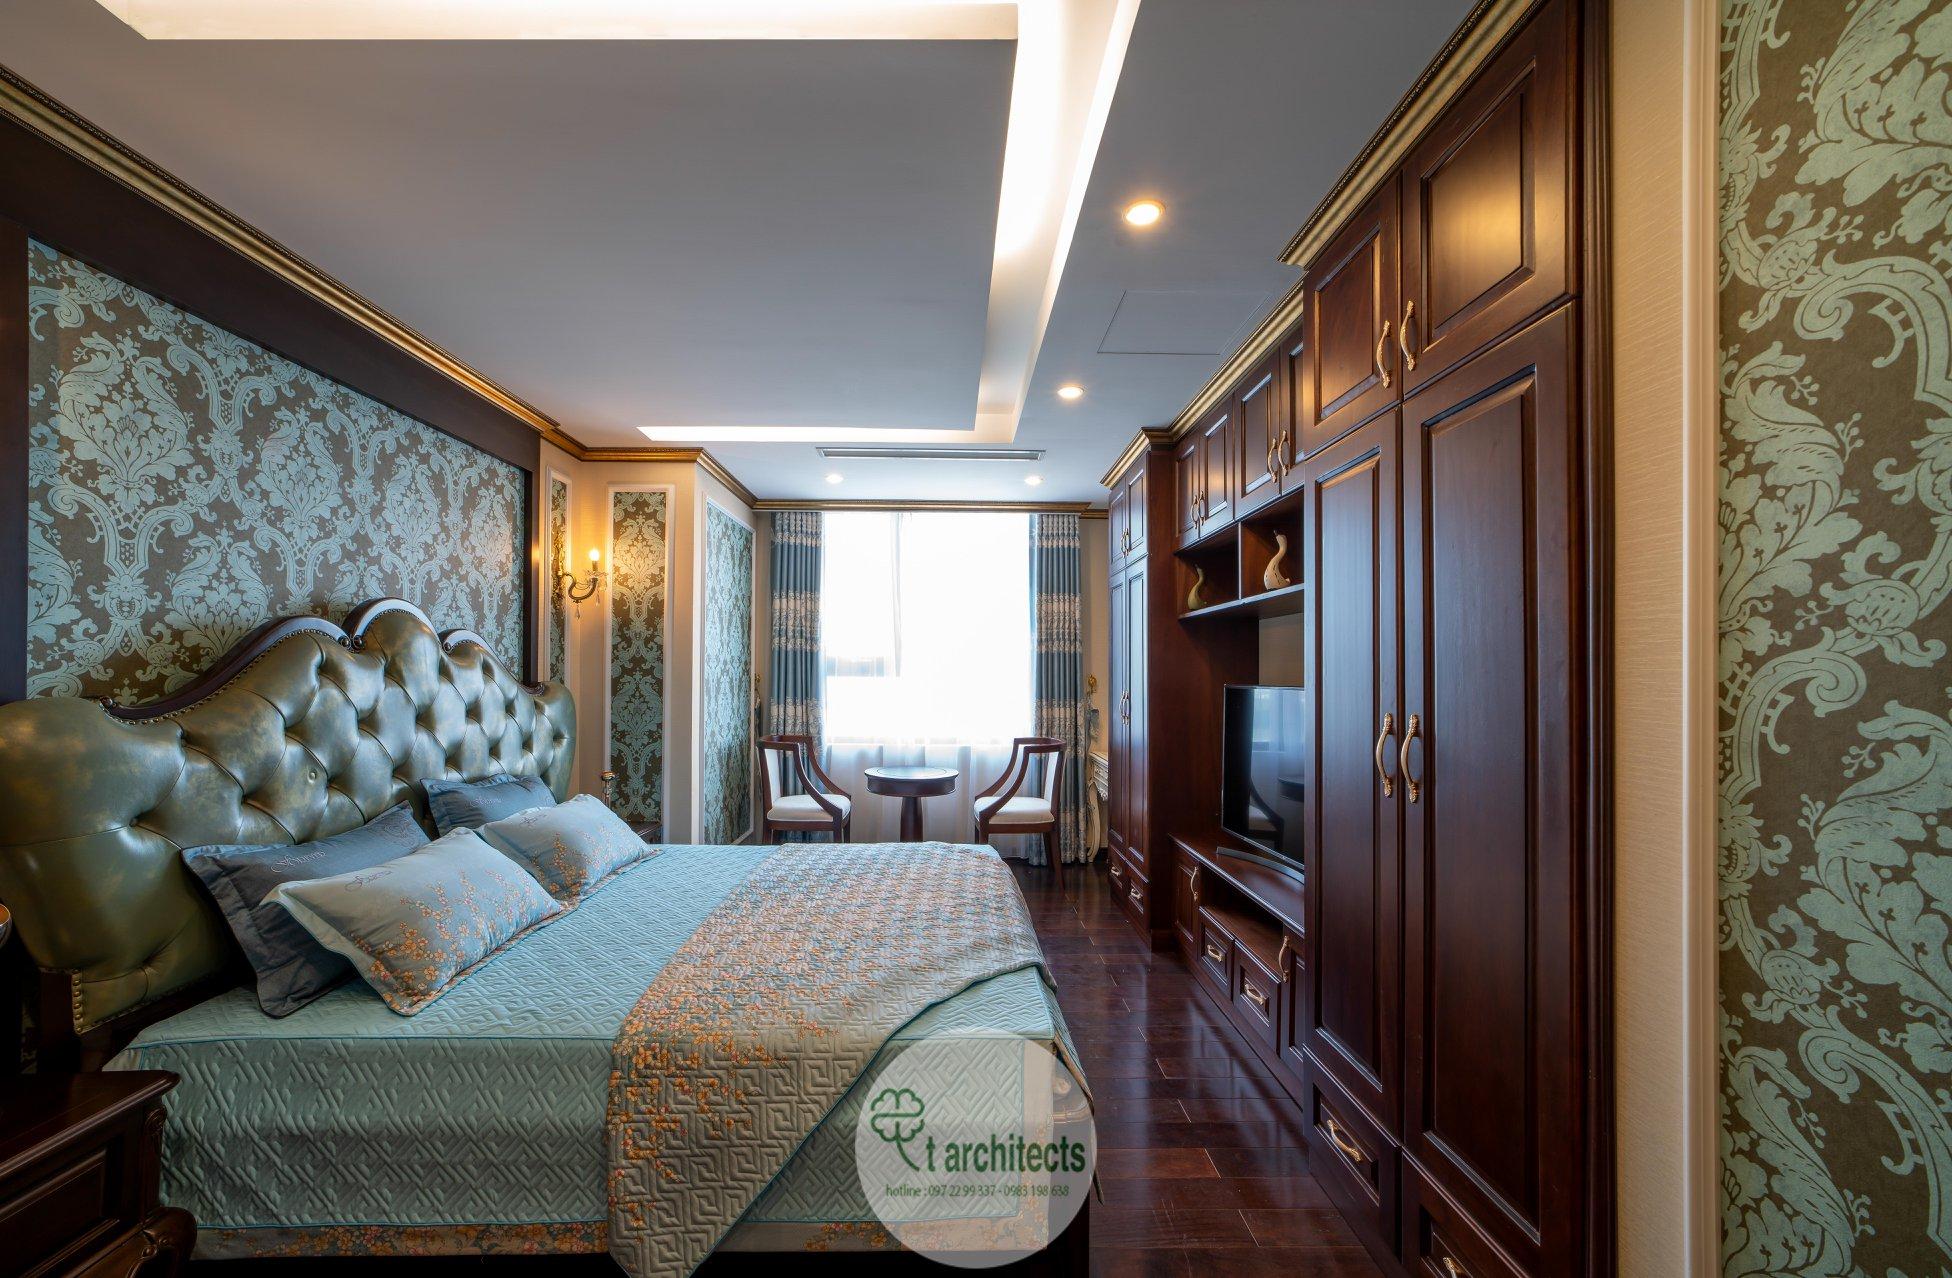 Thiết kế nội thất Chung Cư tại Hà Nội Thiết kế 6 căn hộ mẫu chung cư HC GOLDEN CITY 1589766599 20